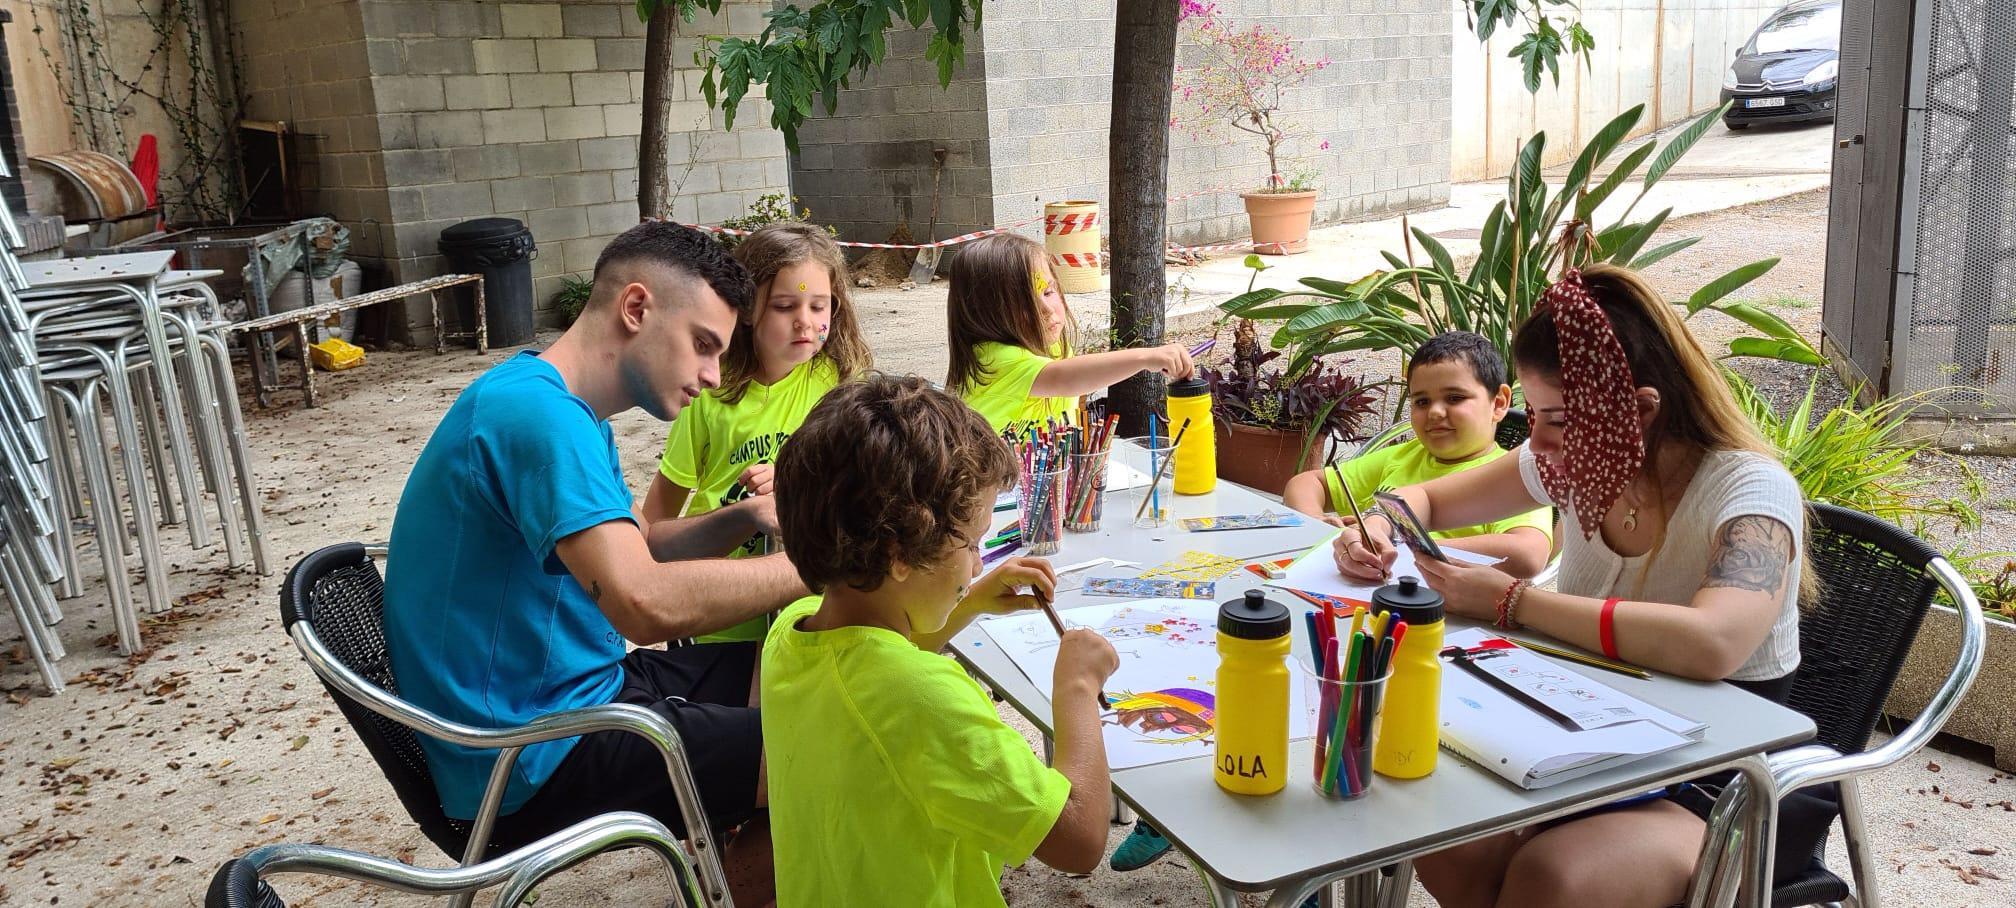 Campus d'Estiu, un juliol d'esport i diversió per a nens i nenes